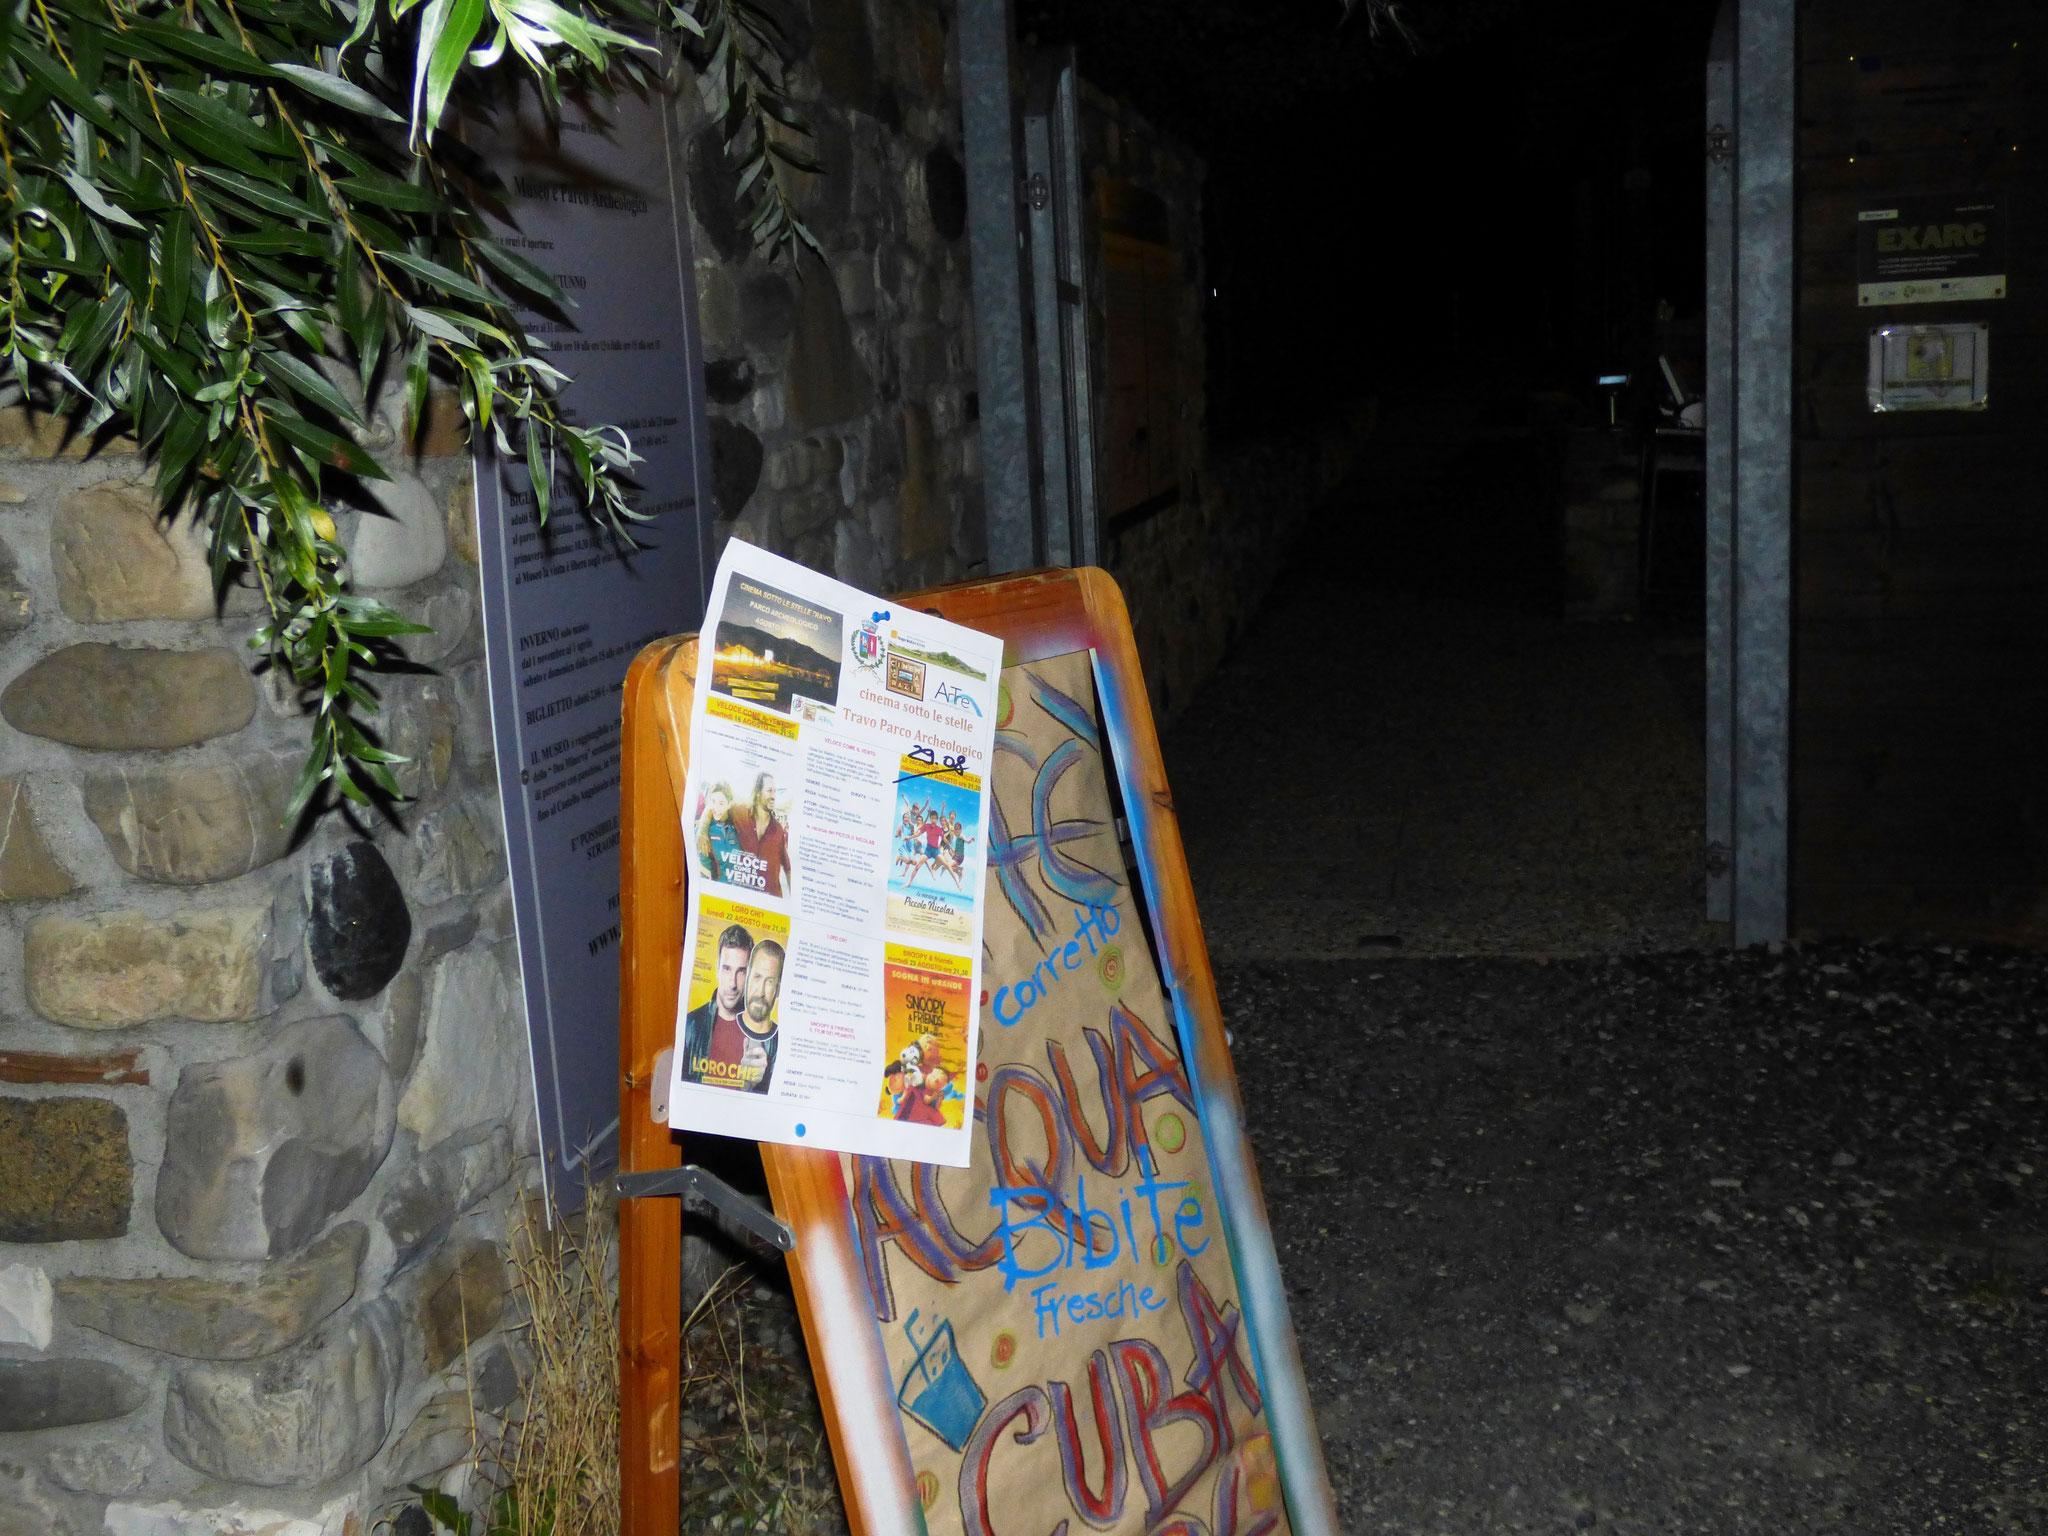 cinema sotto le stelle - Parco Archeologico di Travo 22 agosto 2016